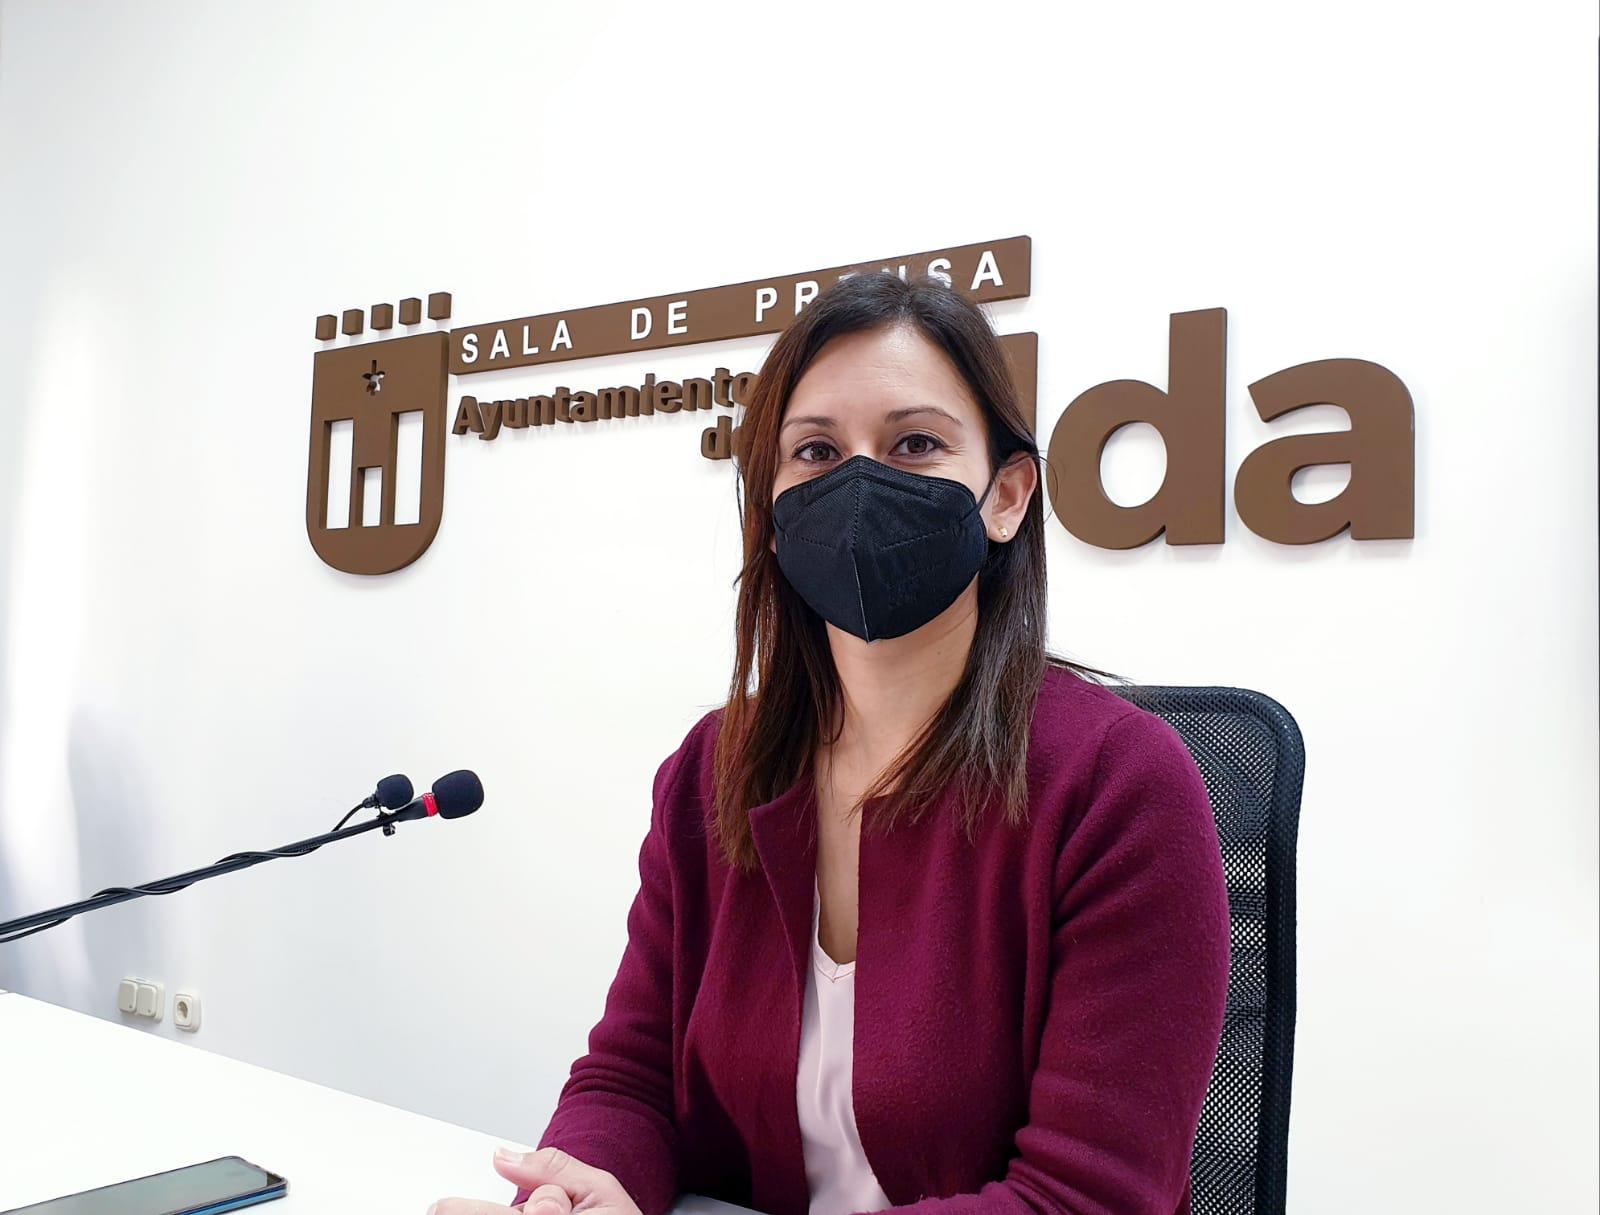 Idelsa ha tramitado ya el pago de 149 solicitudes de Ayudas Paréntesis a autónomos y pymes de Elda por un montante total de 342.007 euros